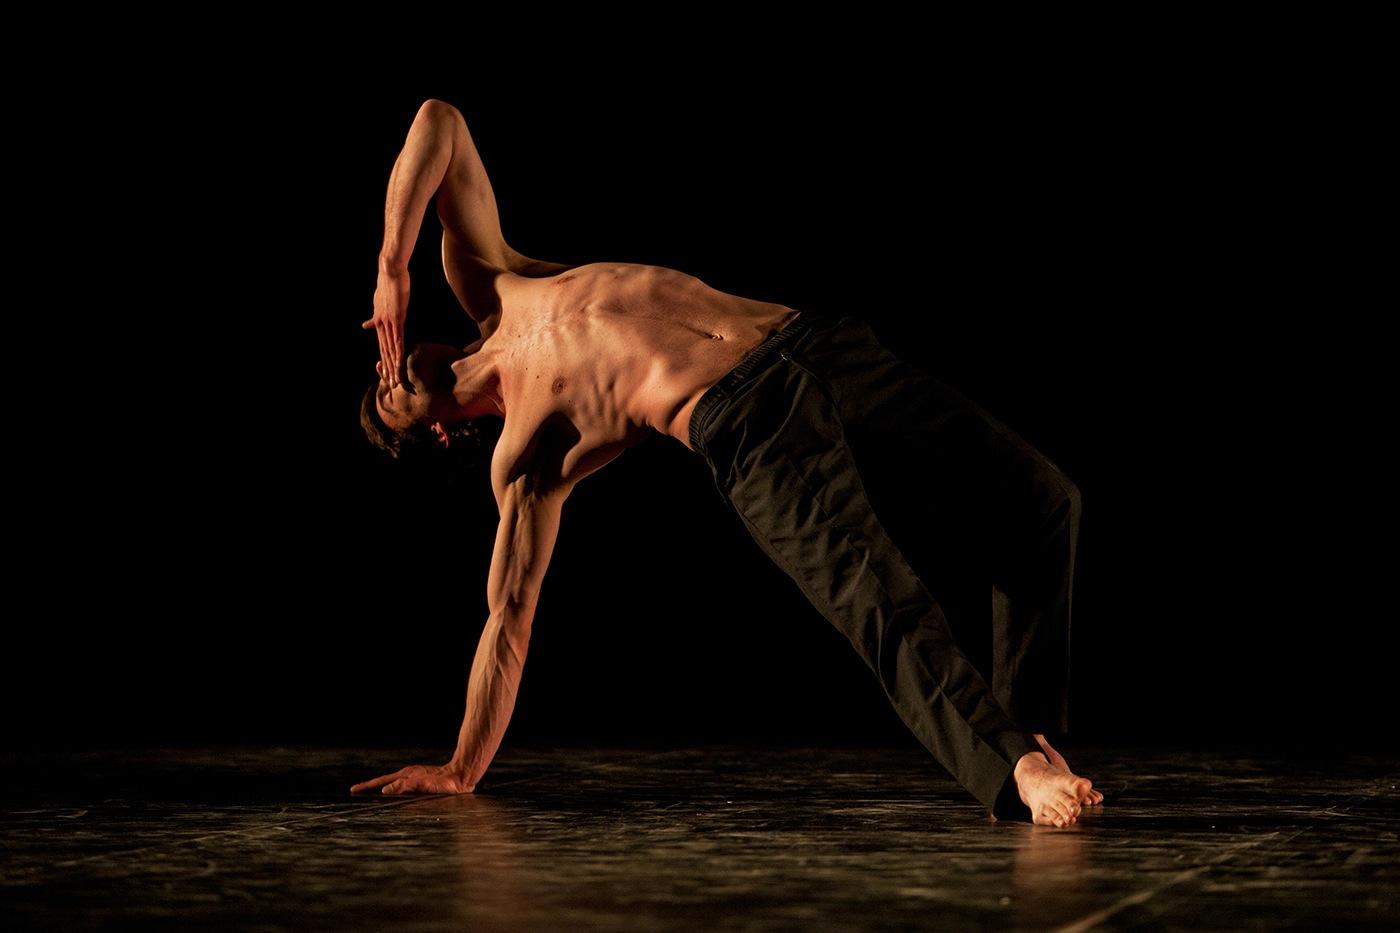 Danseur torse haut